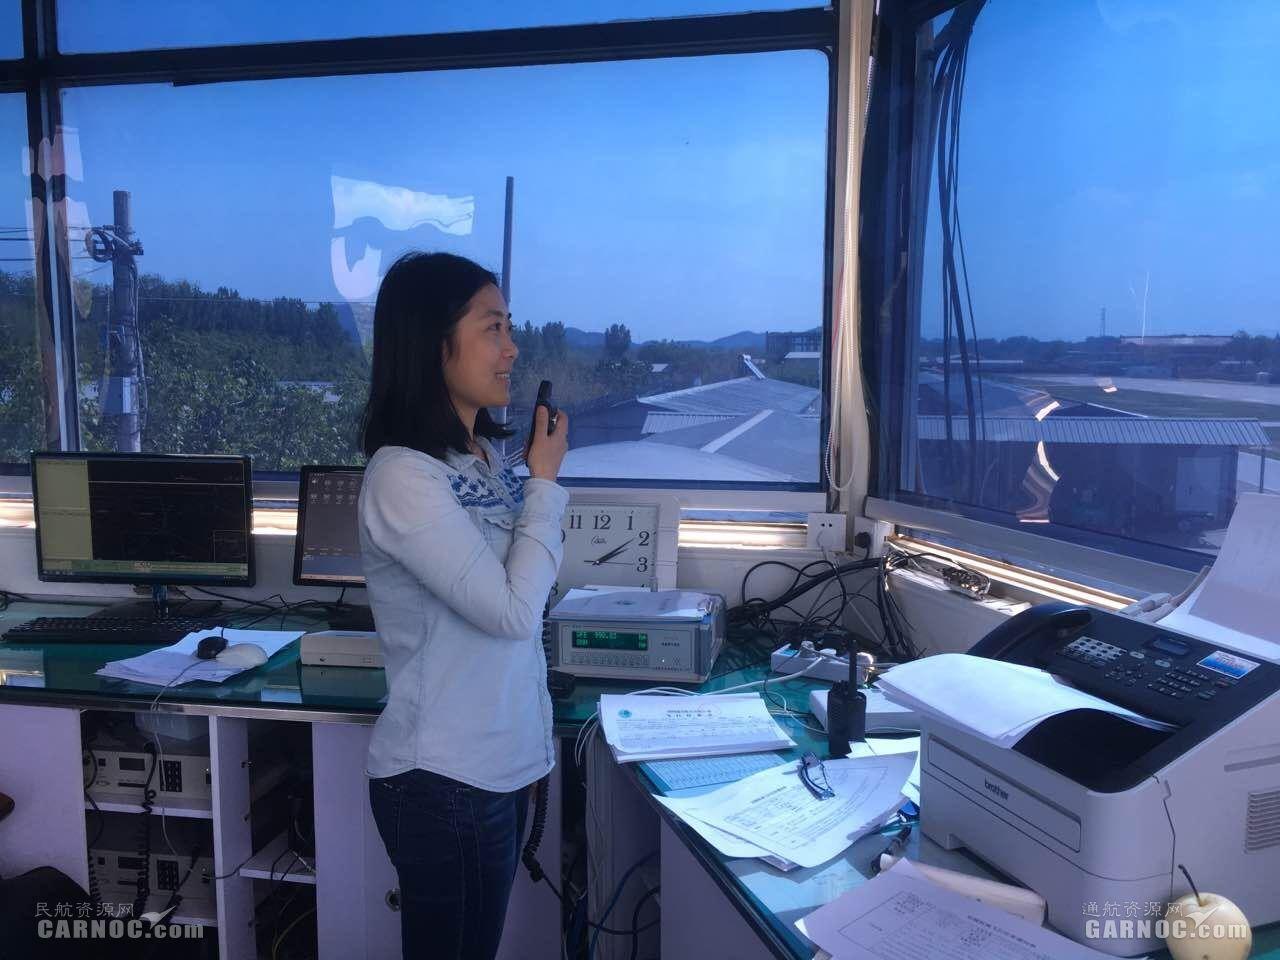 国网通航管制员余丹:话筒架桥梁,指令护安航